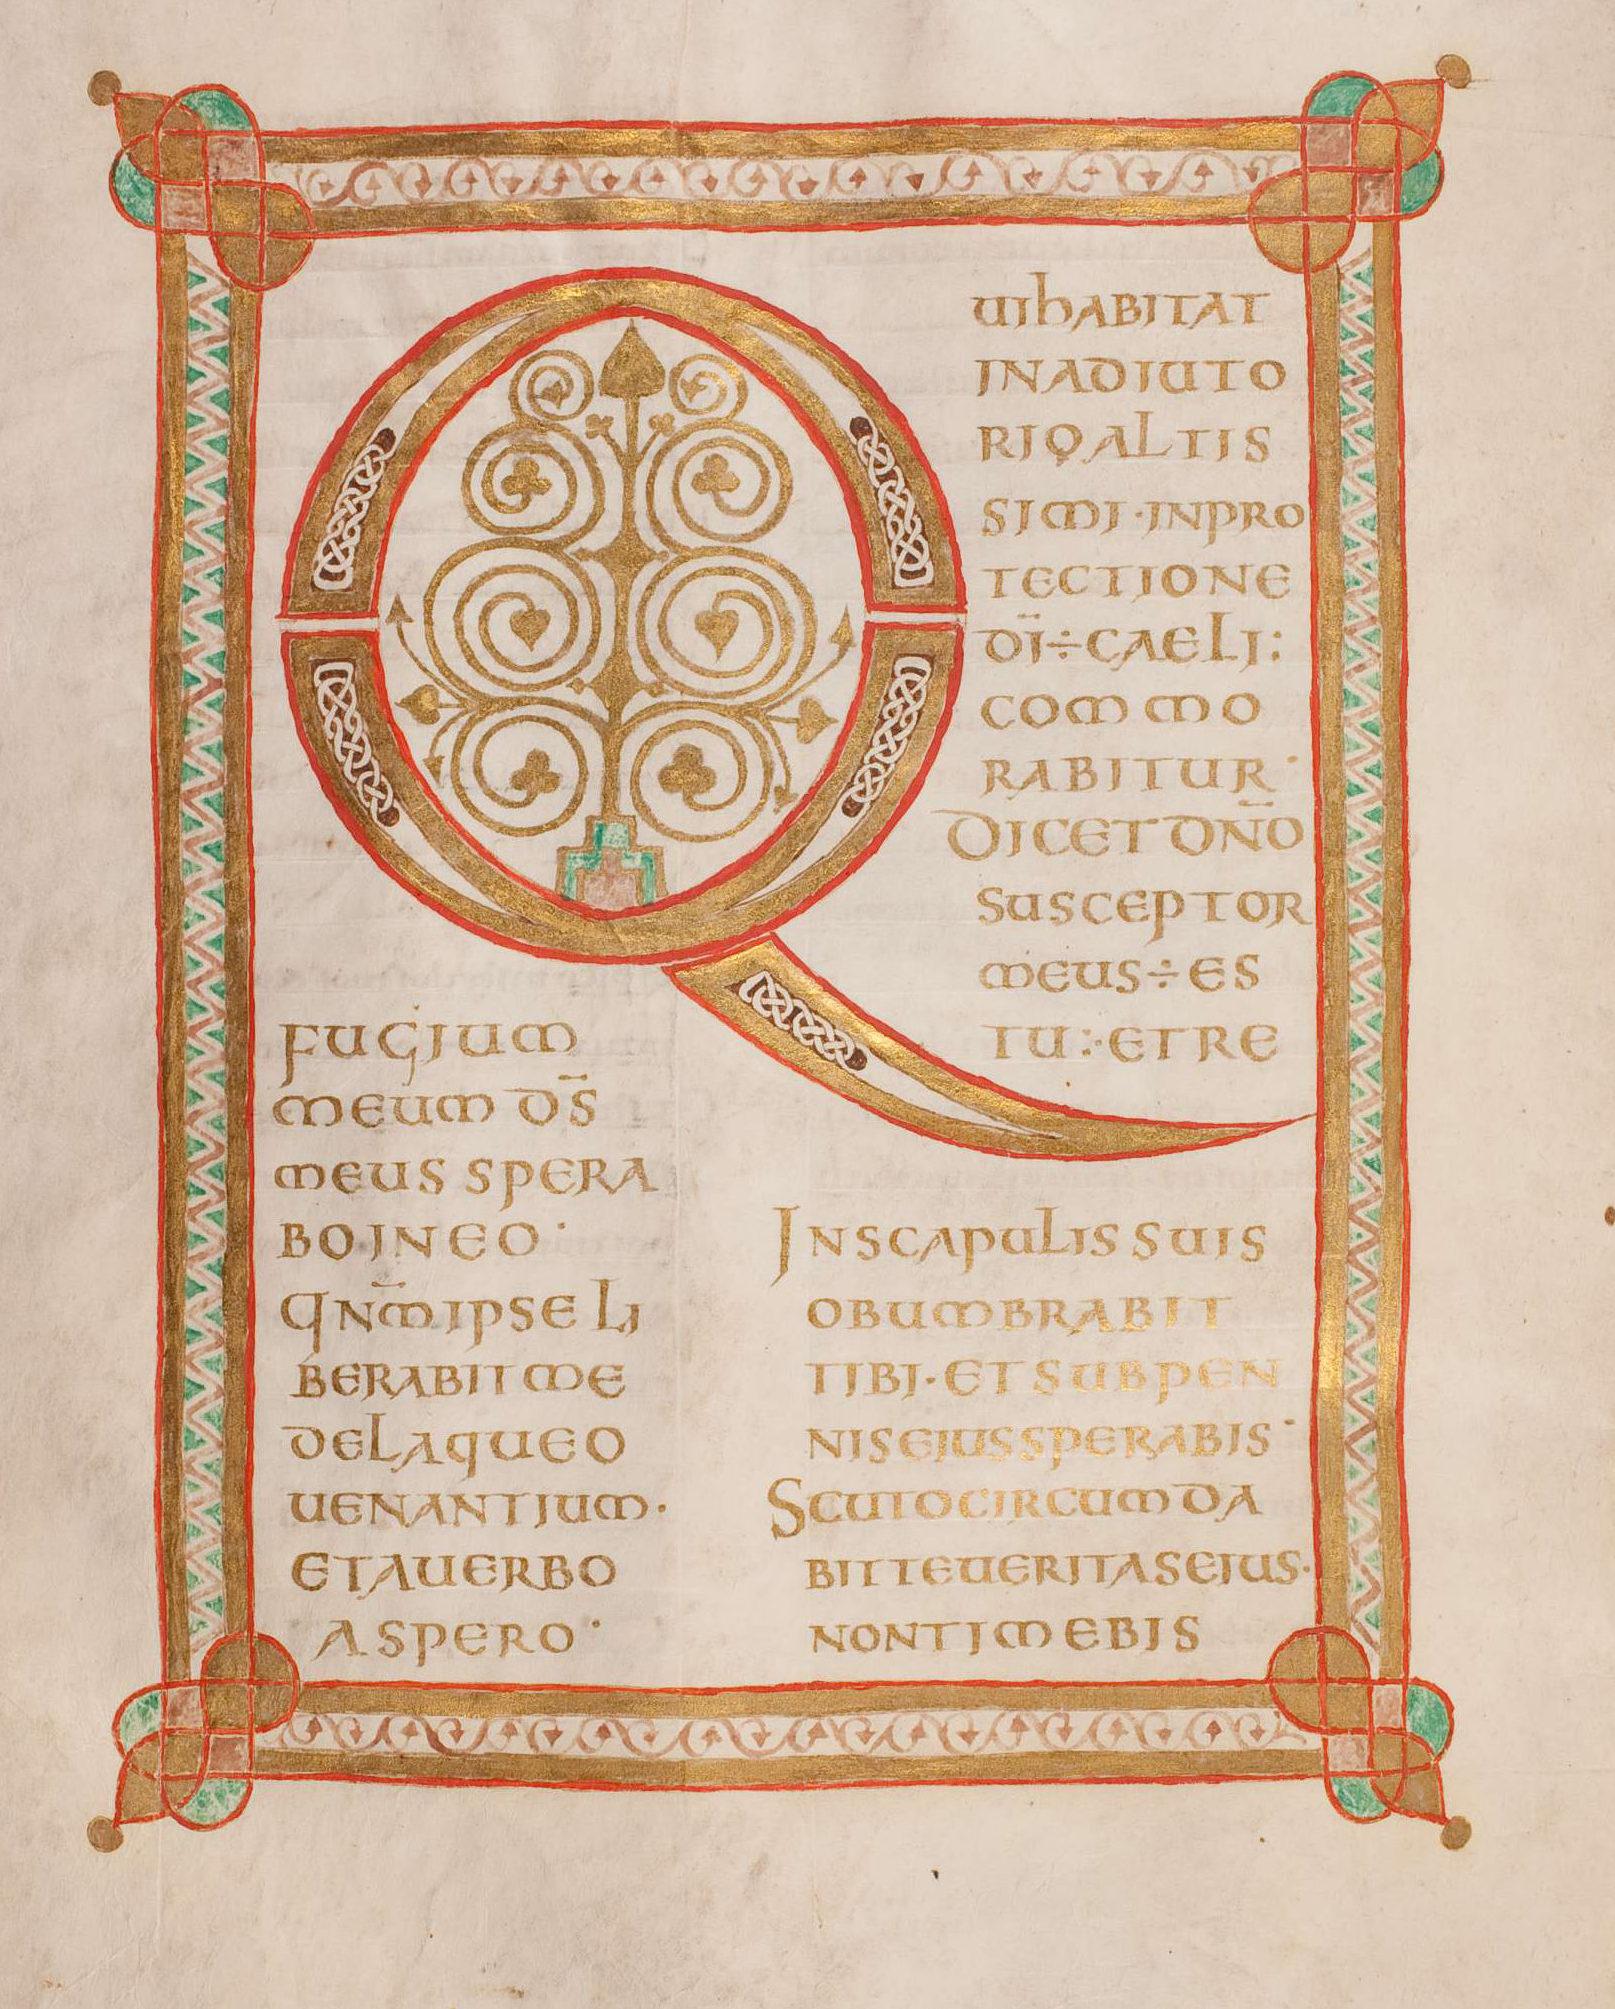 Katalogisierung der illuminierten Handschriften der Herzog August Bibliothek